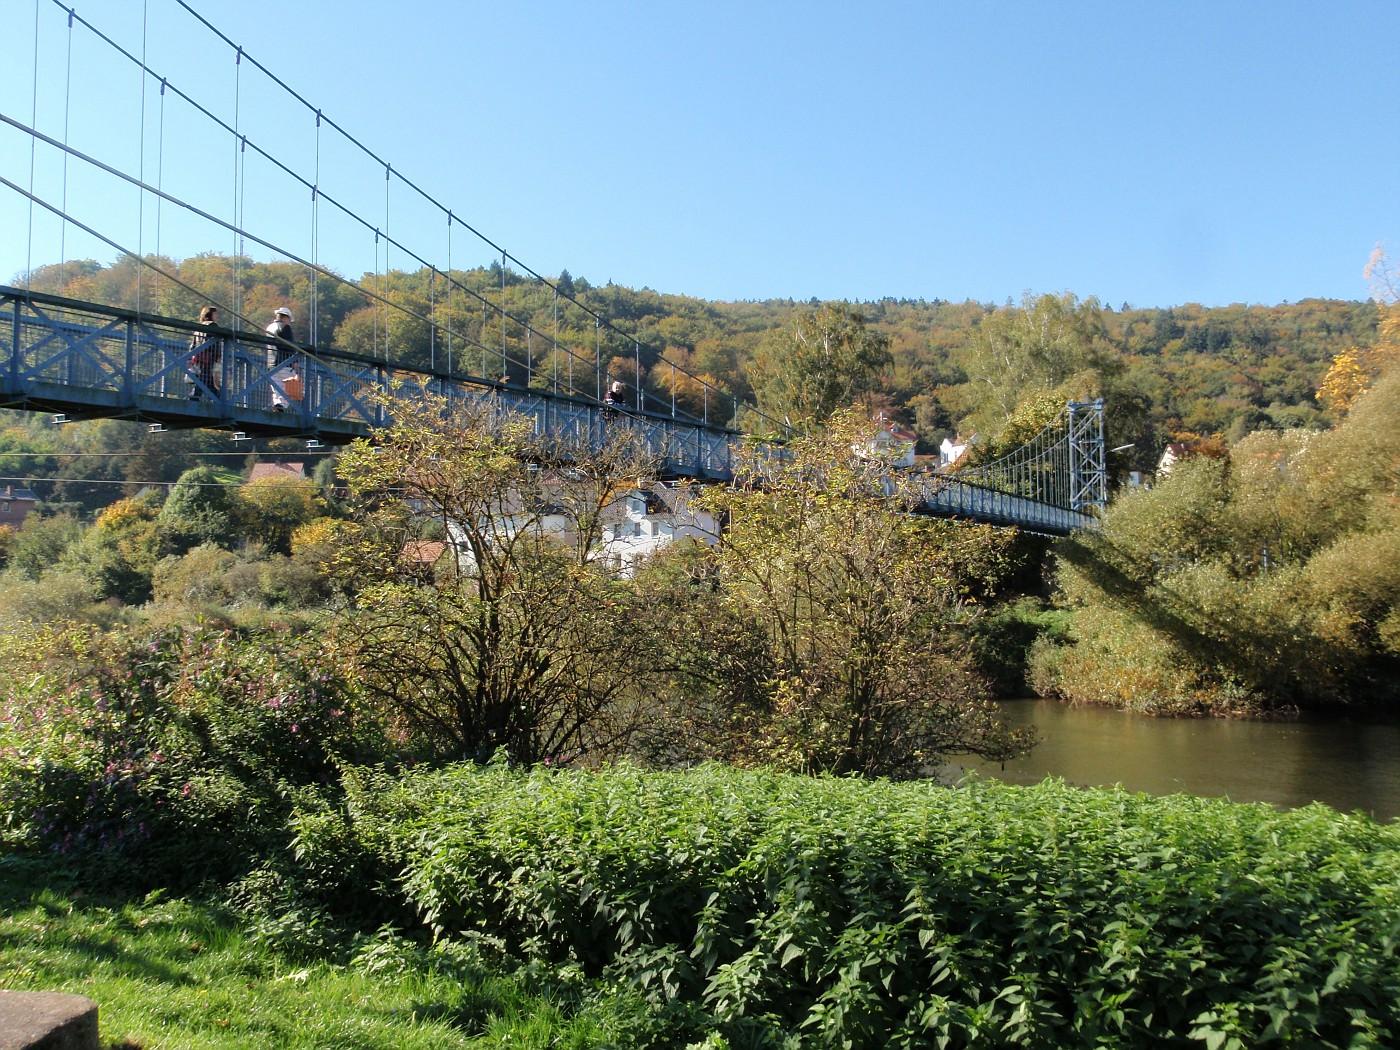 Fussgänger-Hängebrücke